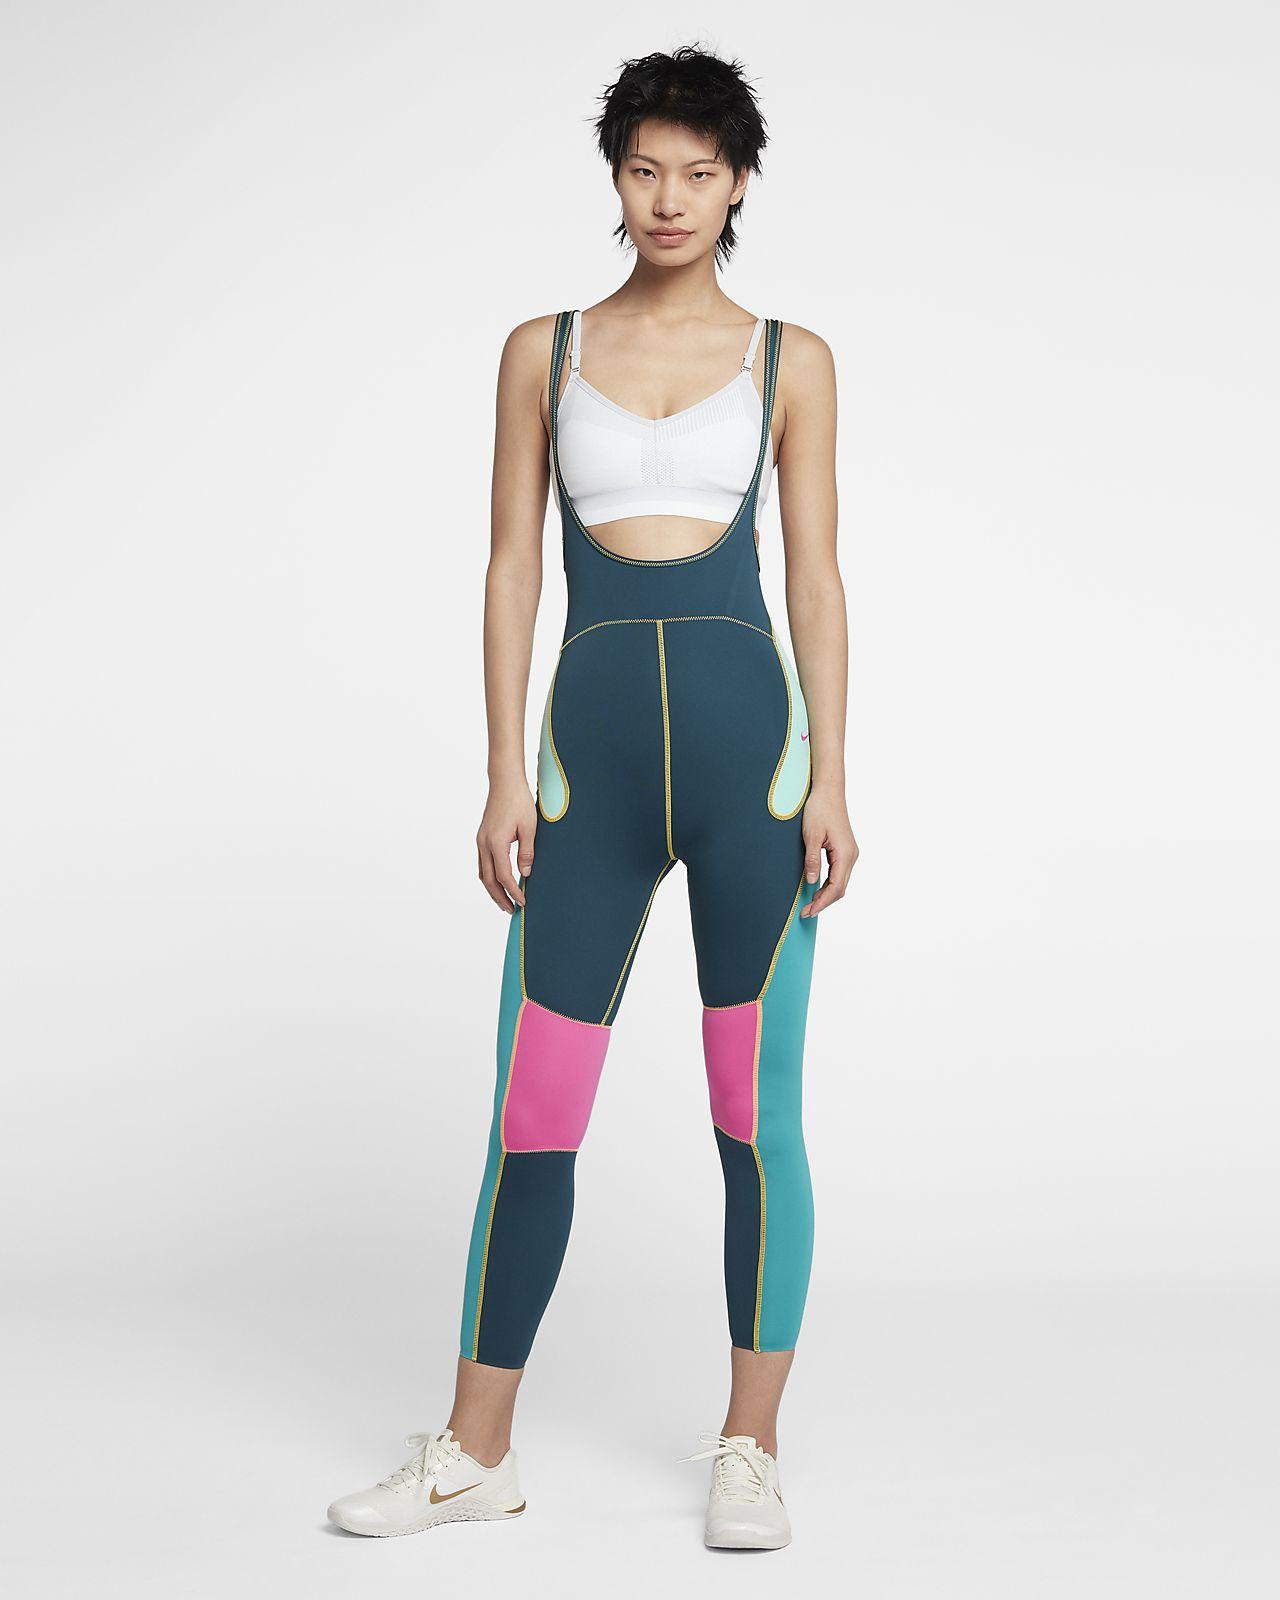 กางเกงรัดรูปเทรนนิ่งผู้หญิง Nike